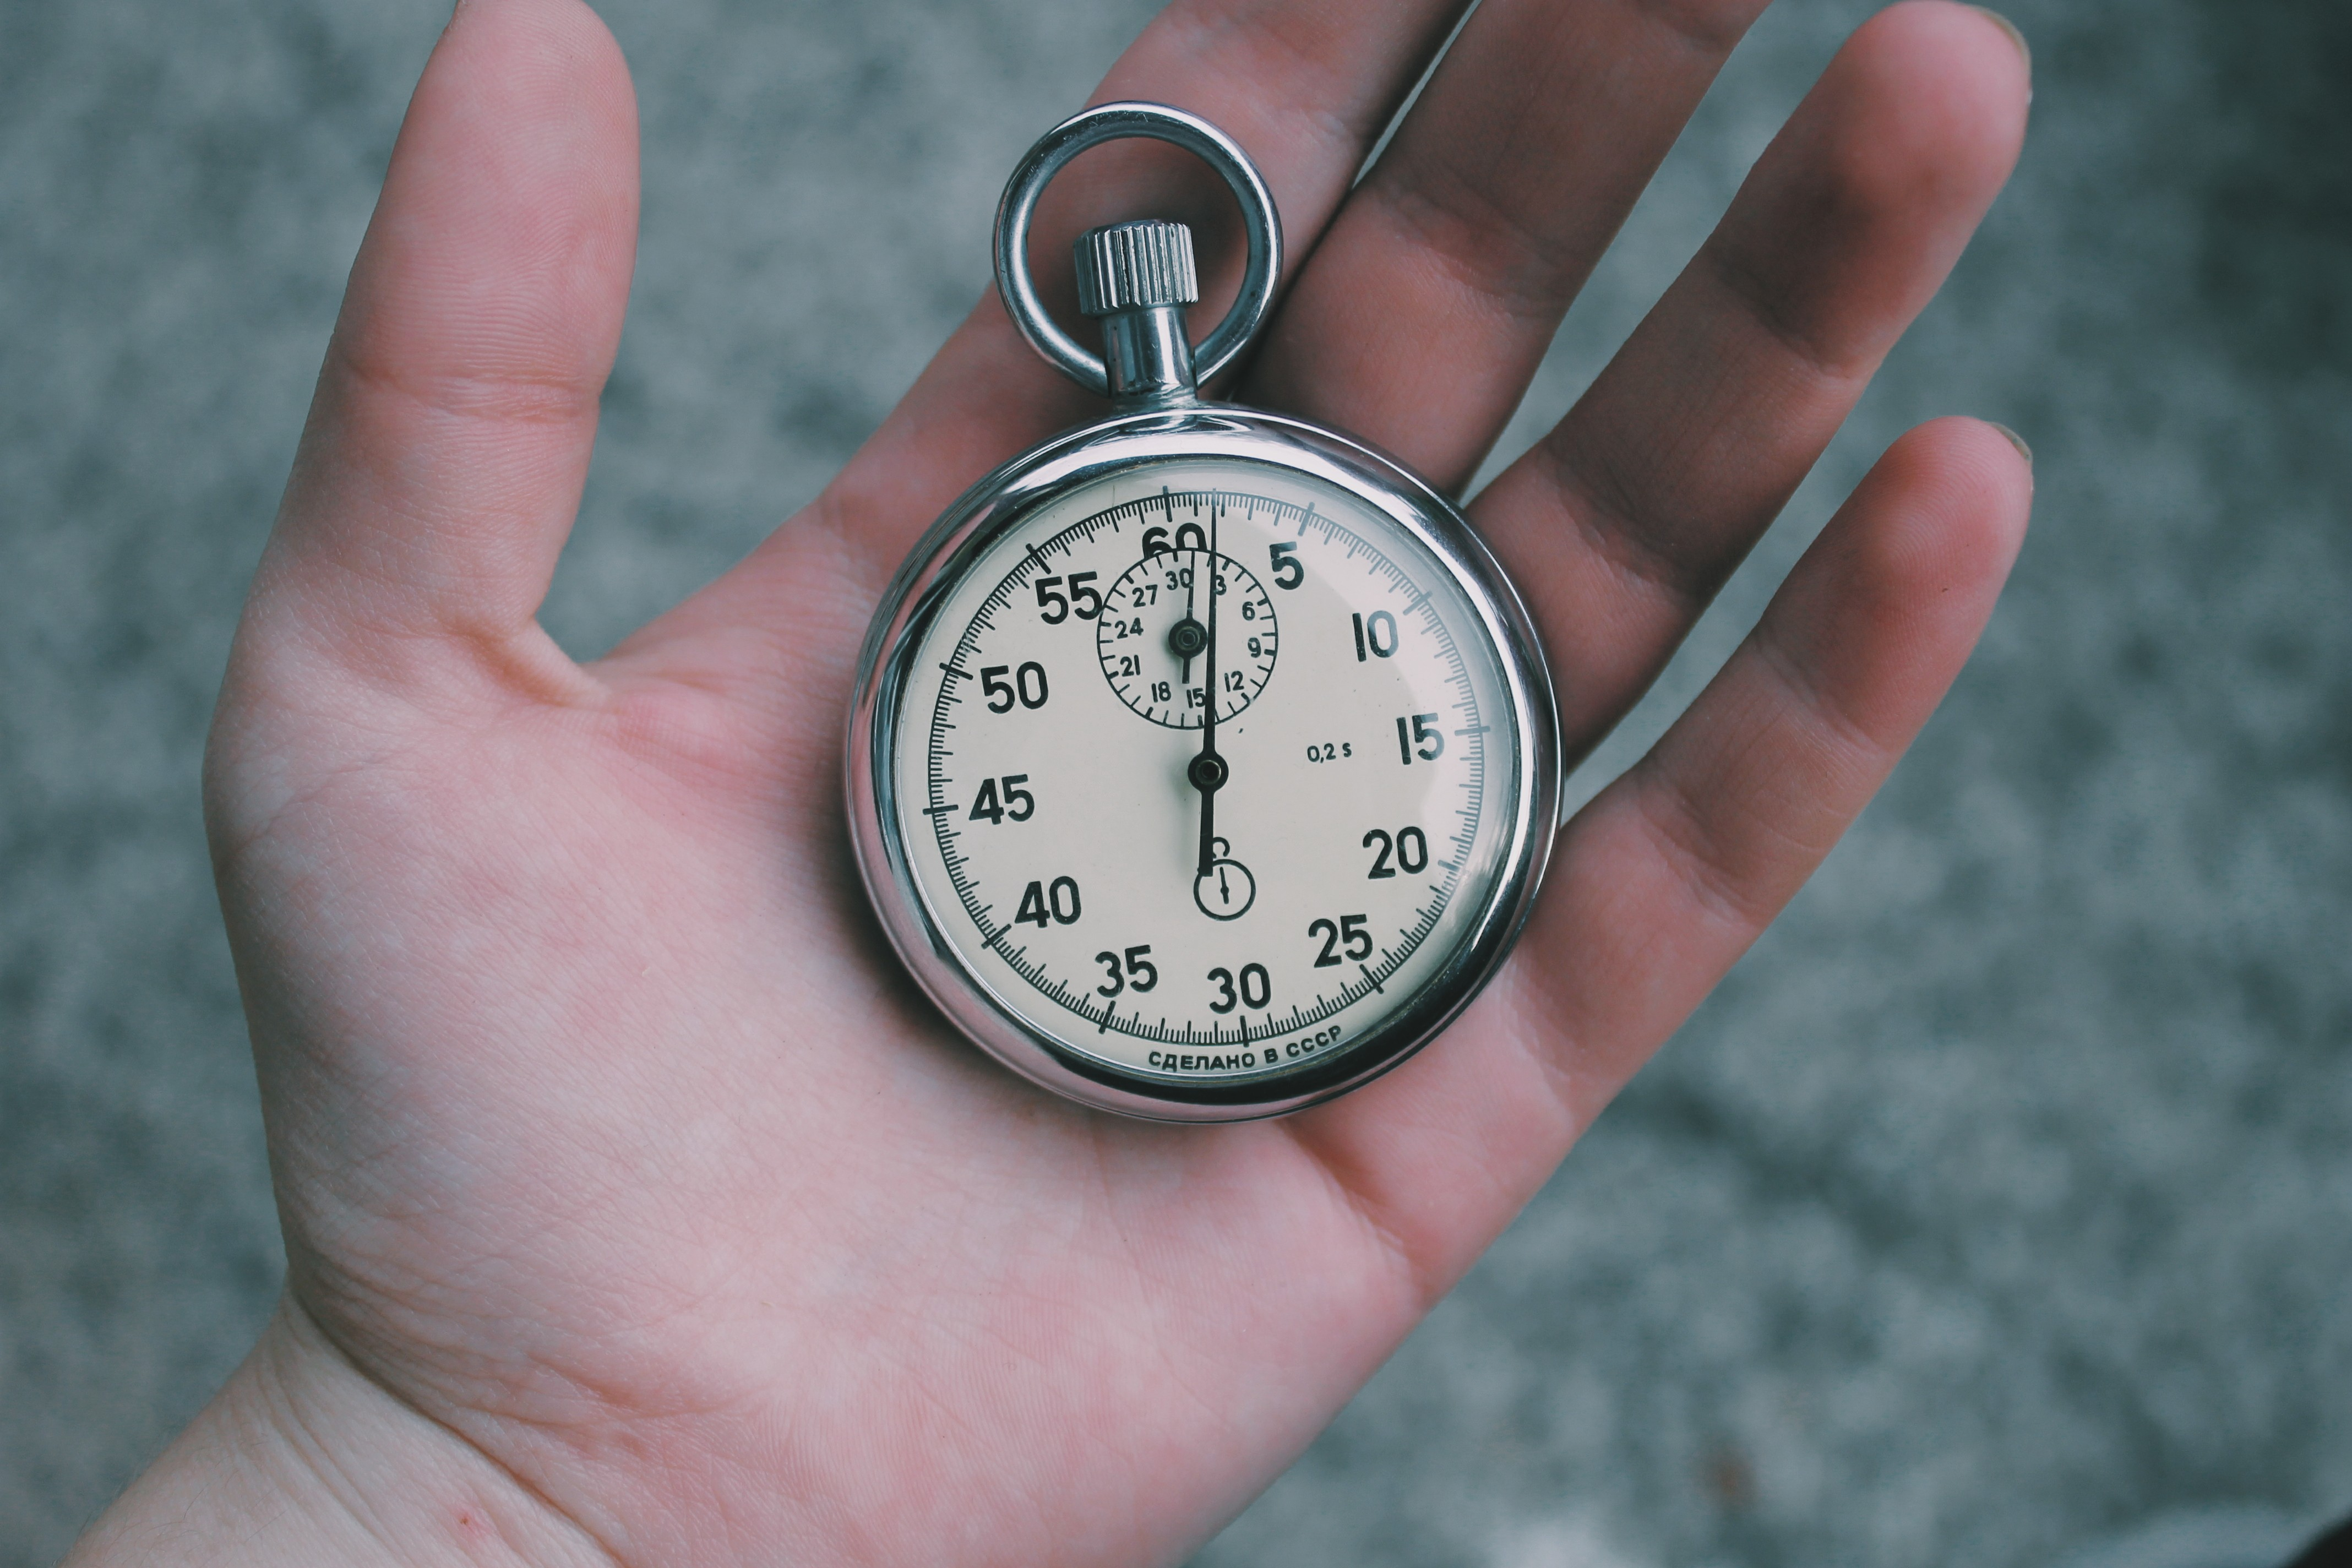 Länger durchhalten im Bett? 5 Mythen, die Du getrost vergessen kannst